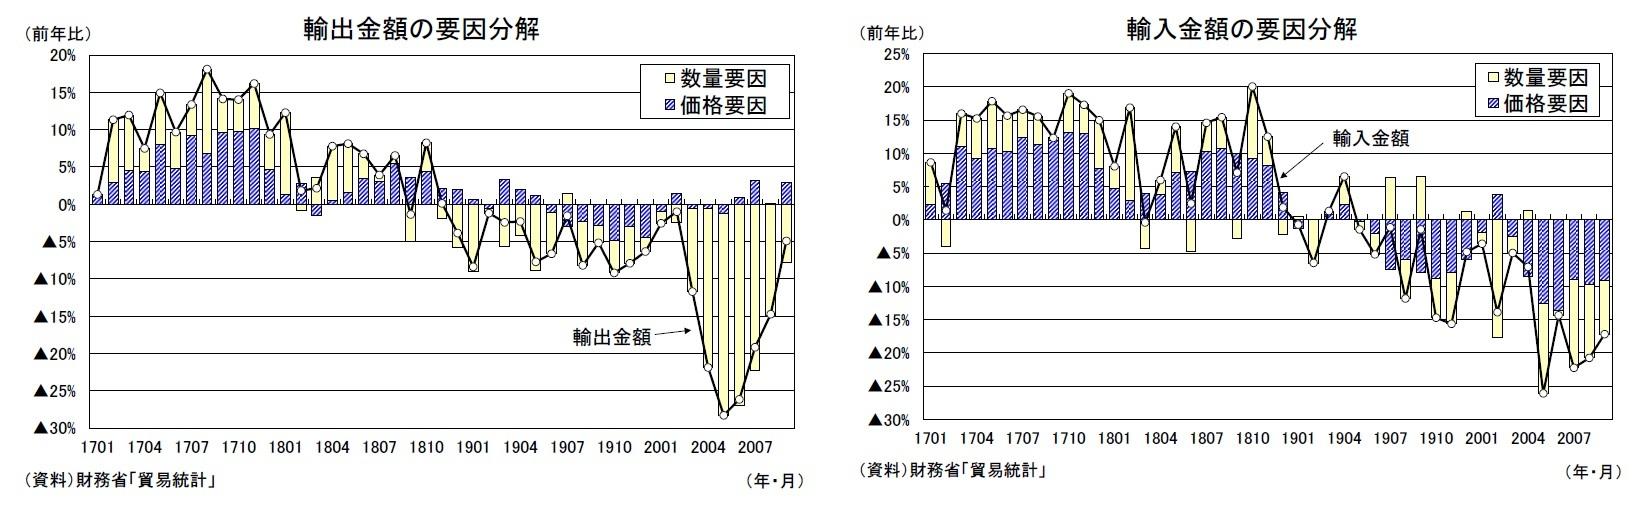 輸出金額の要因分解/輸入金額の要因分解